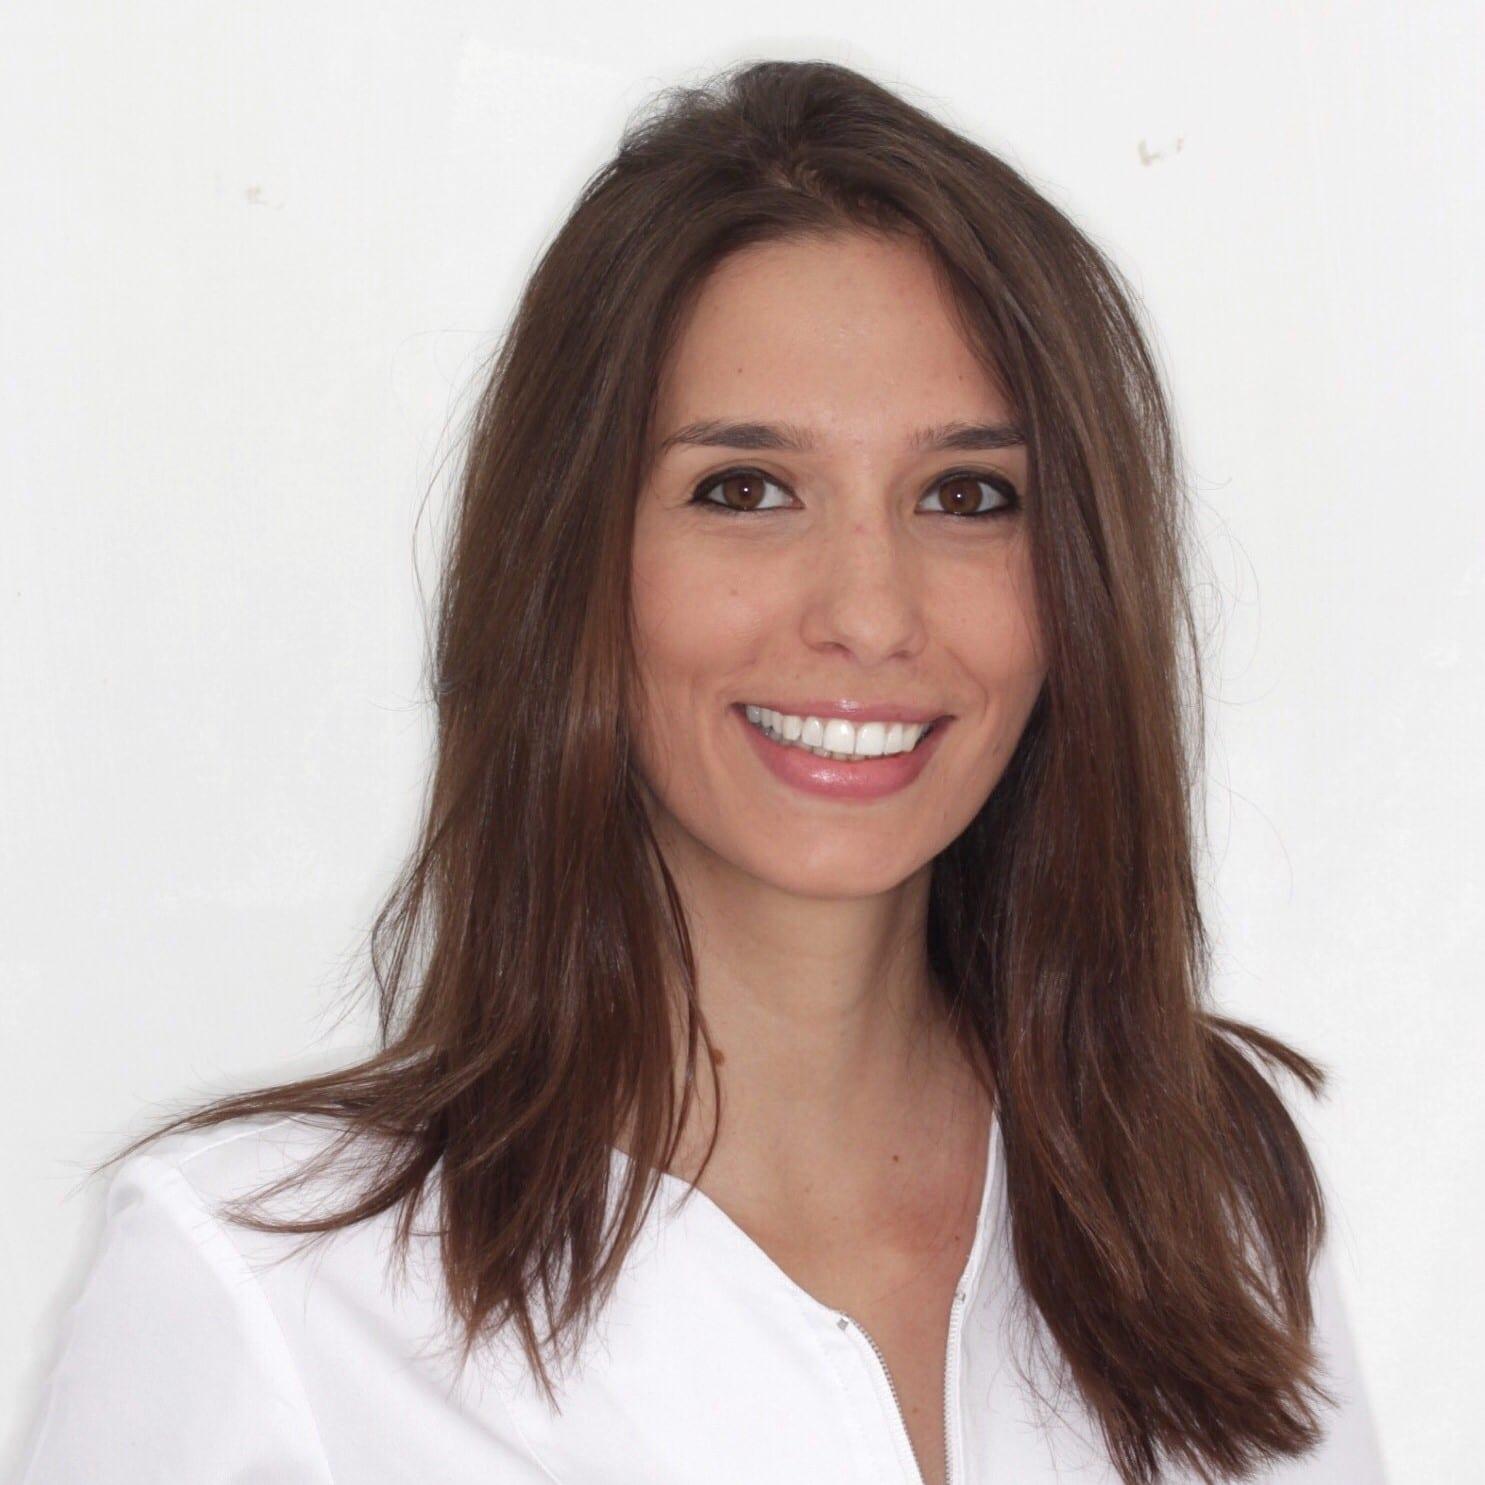 Begoña Cuello Borau - Especialista en Periodoncia, Implantes y Prostodoncia